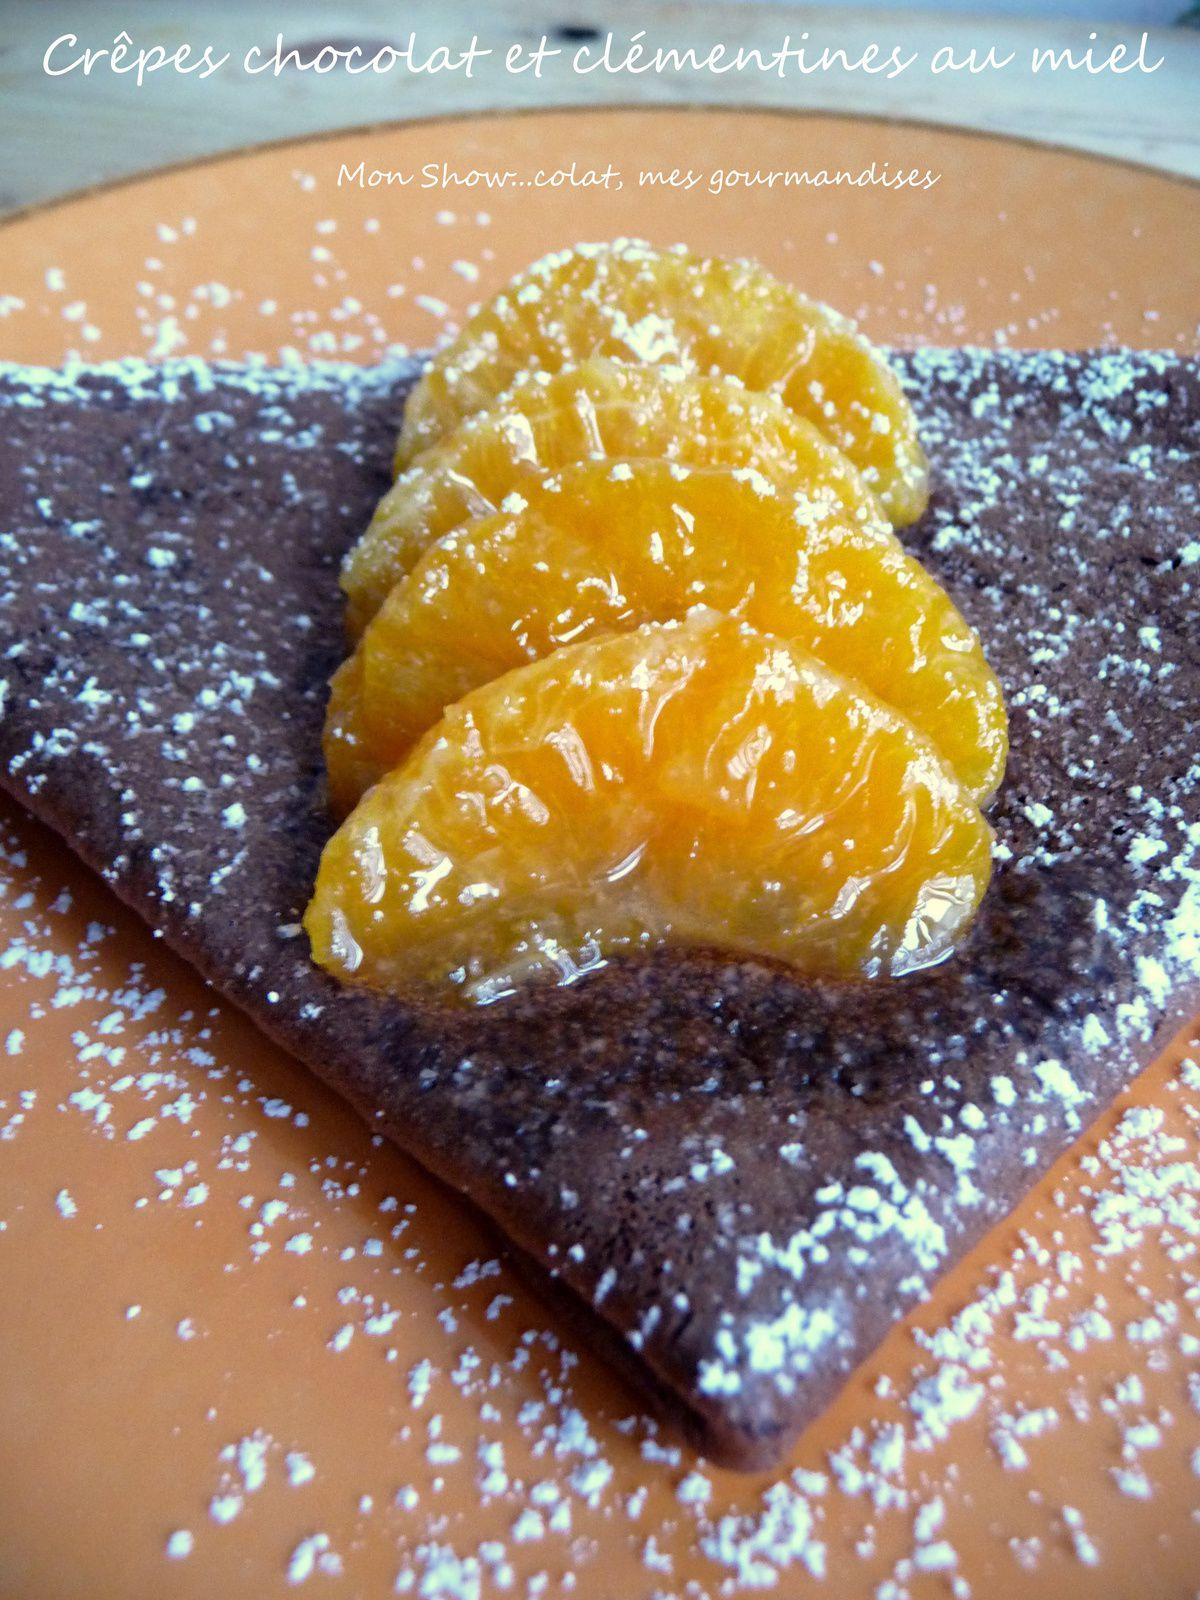 Crêpes au chocolat et clémentines au miel